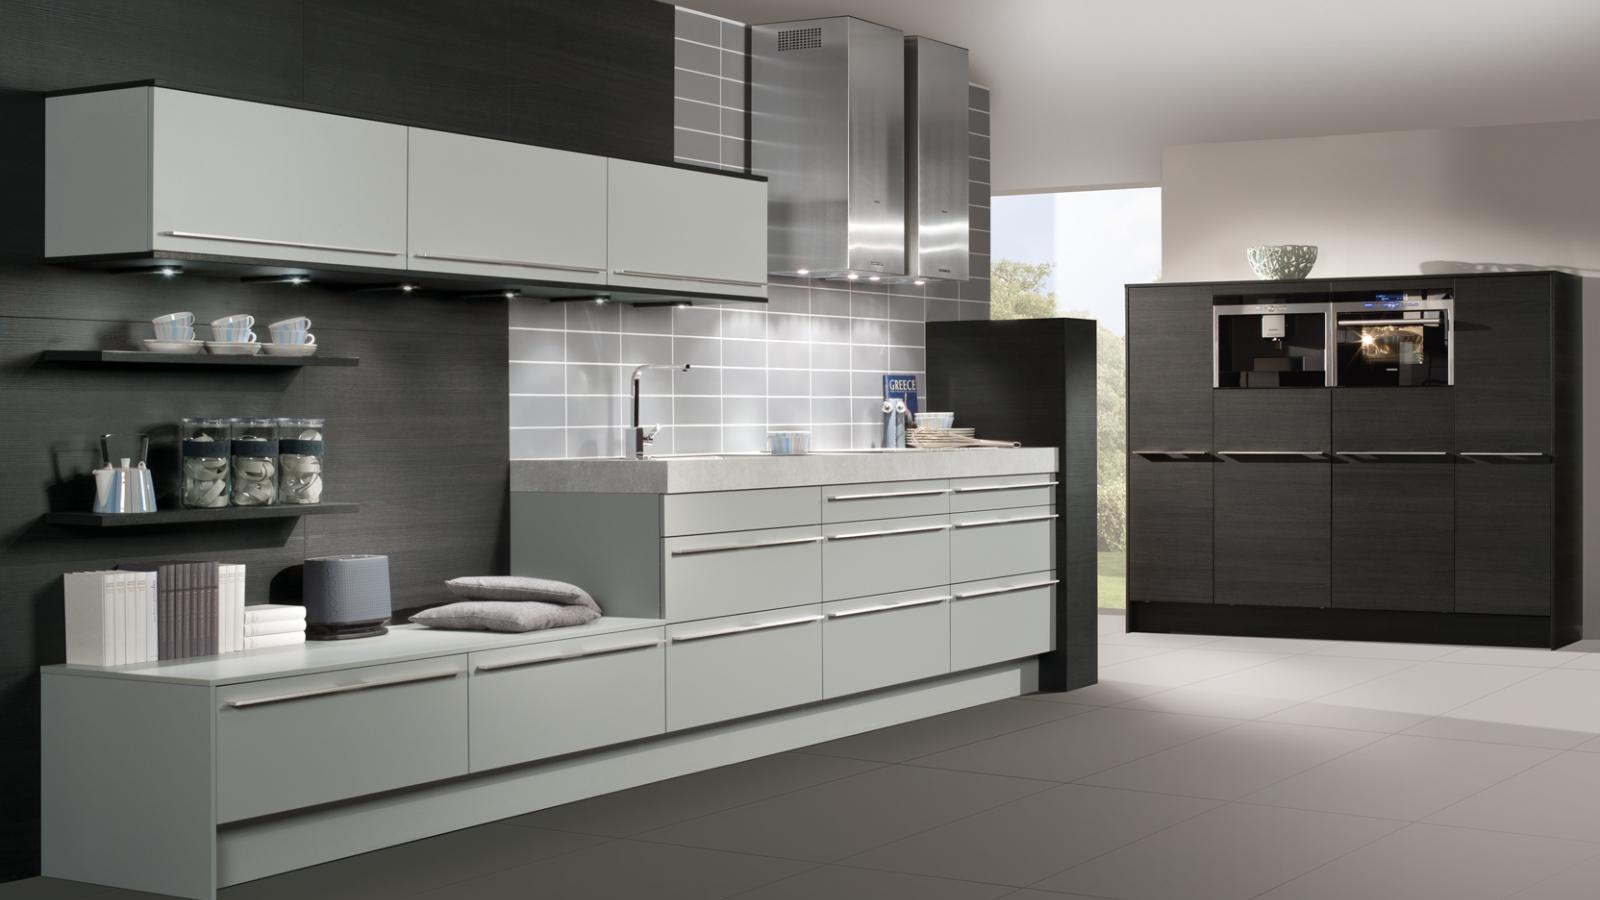 Laminate Base And Wall Cabinets